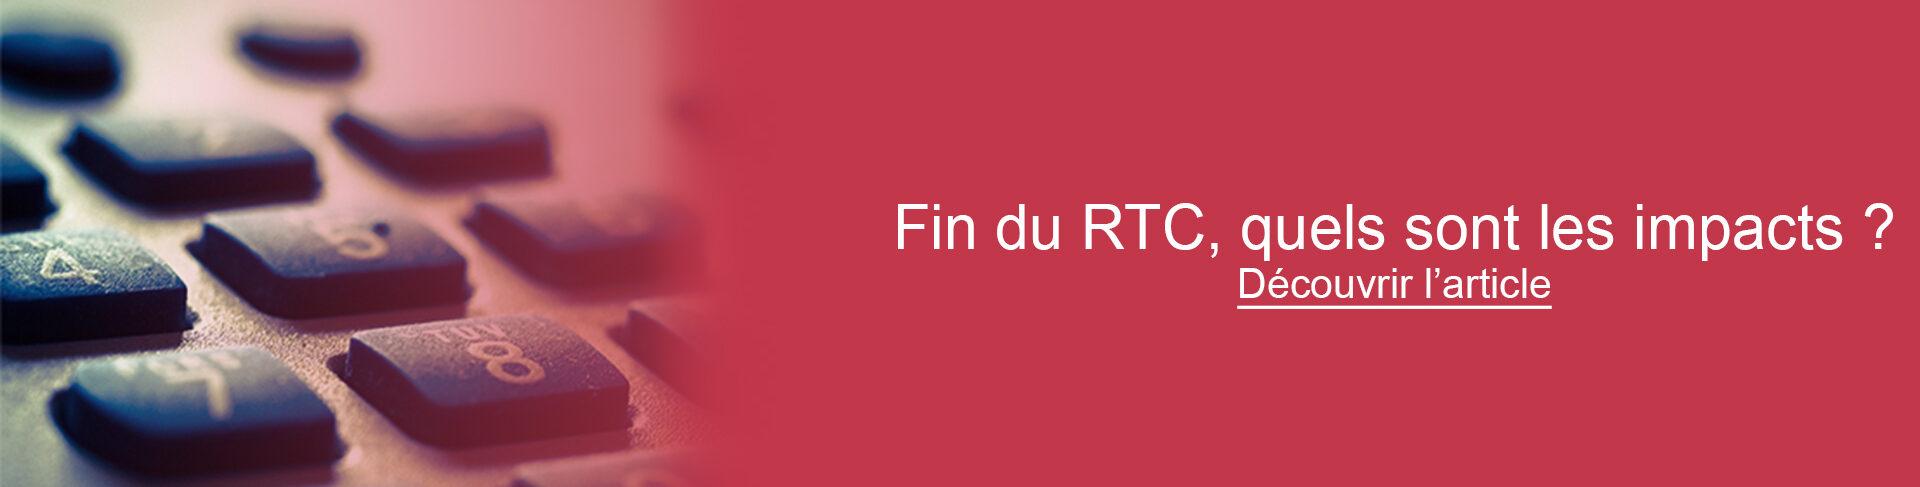 Image du bandeau d'actu concernant la fin du RTC